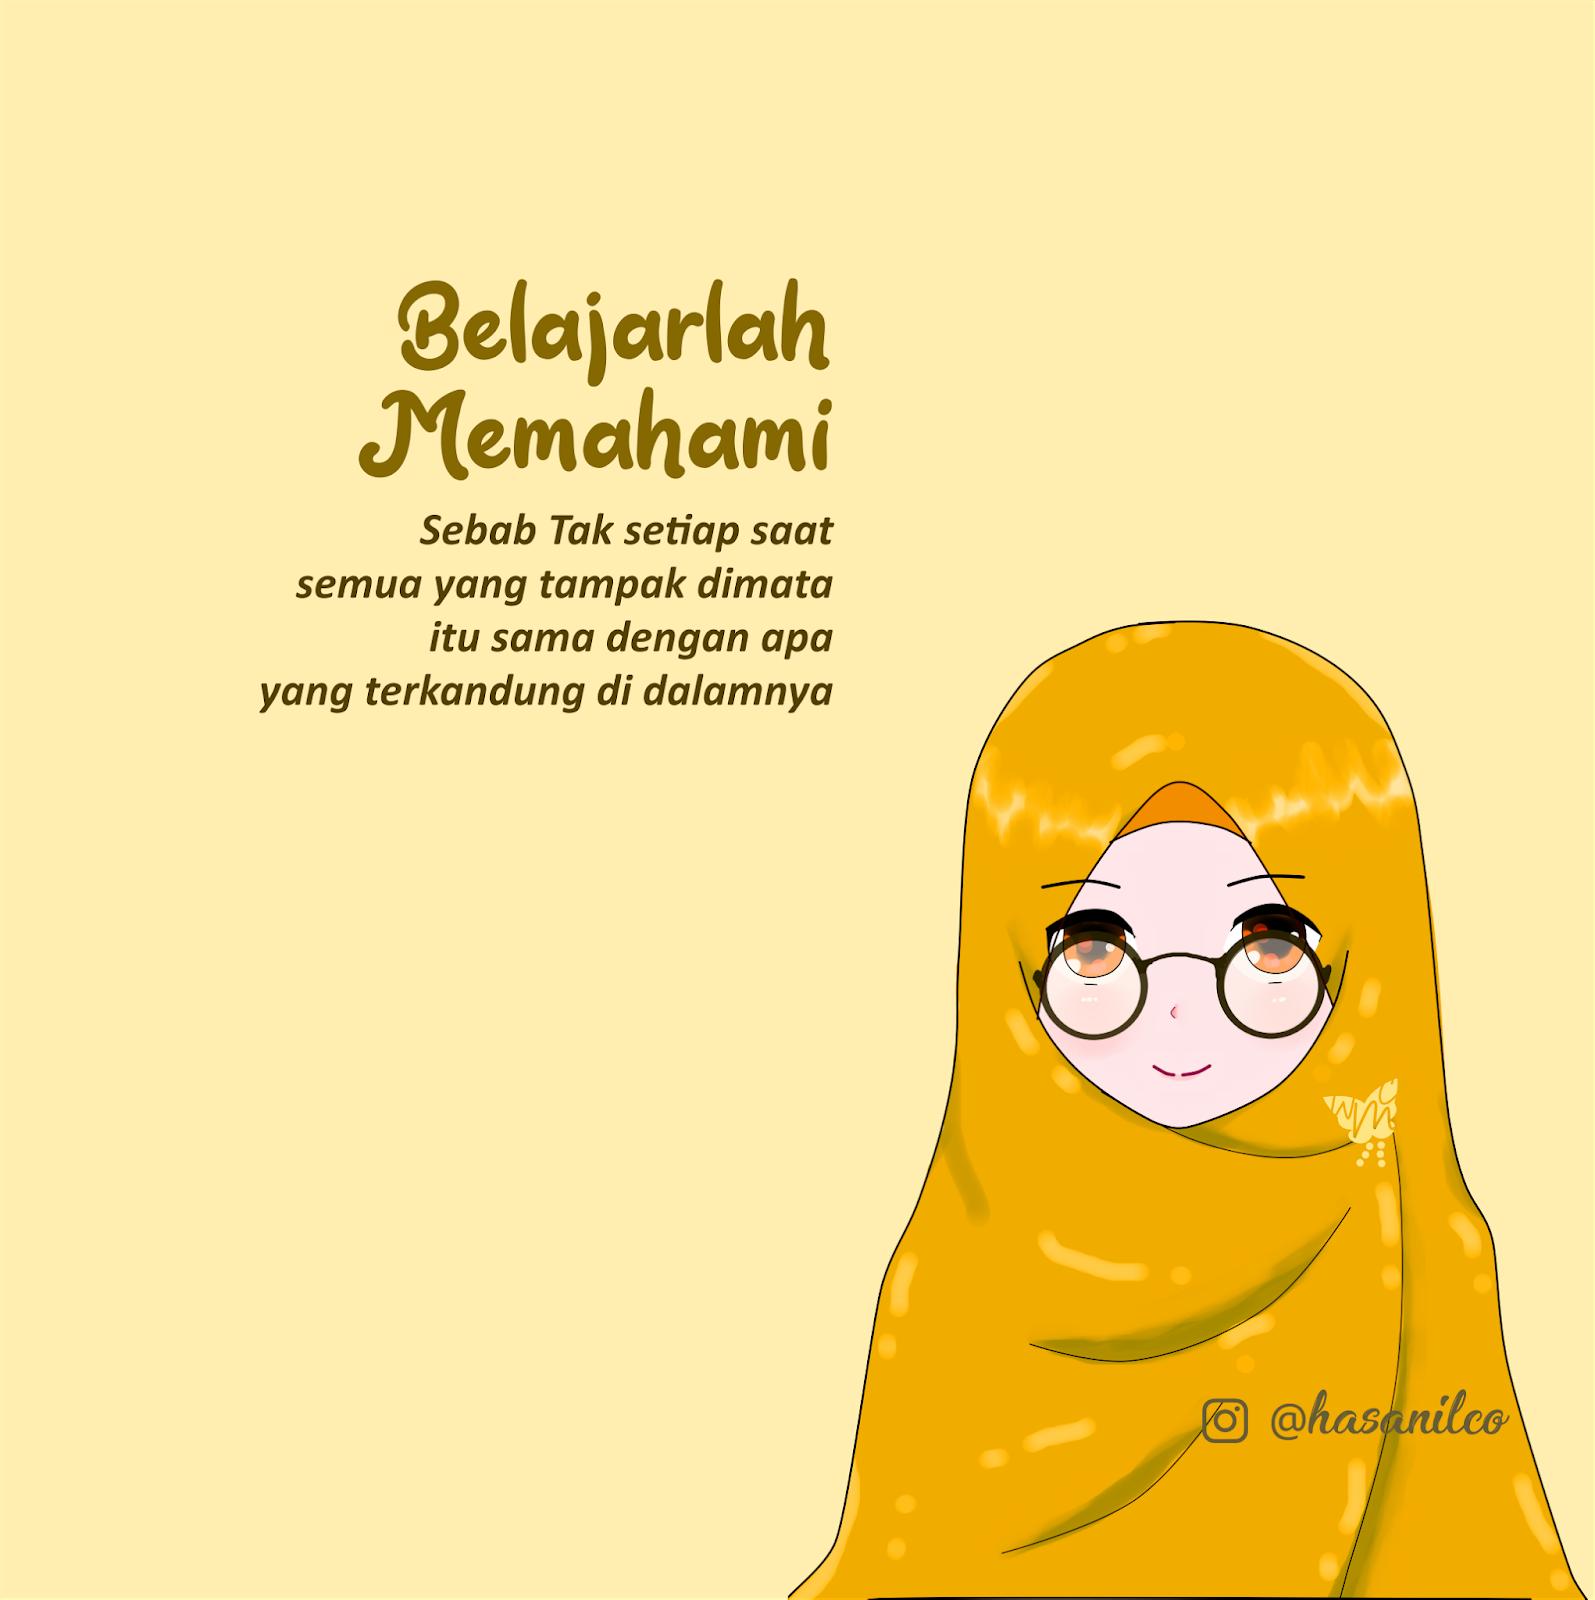 Wallpaper Gambar Kartun Wanita Muslimah Cantik Terbaru Dunia Belajar